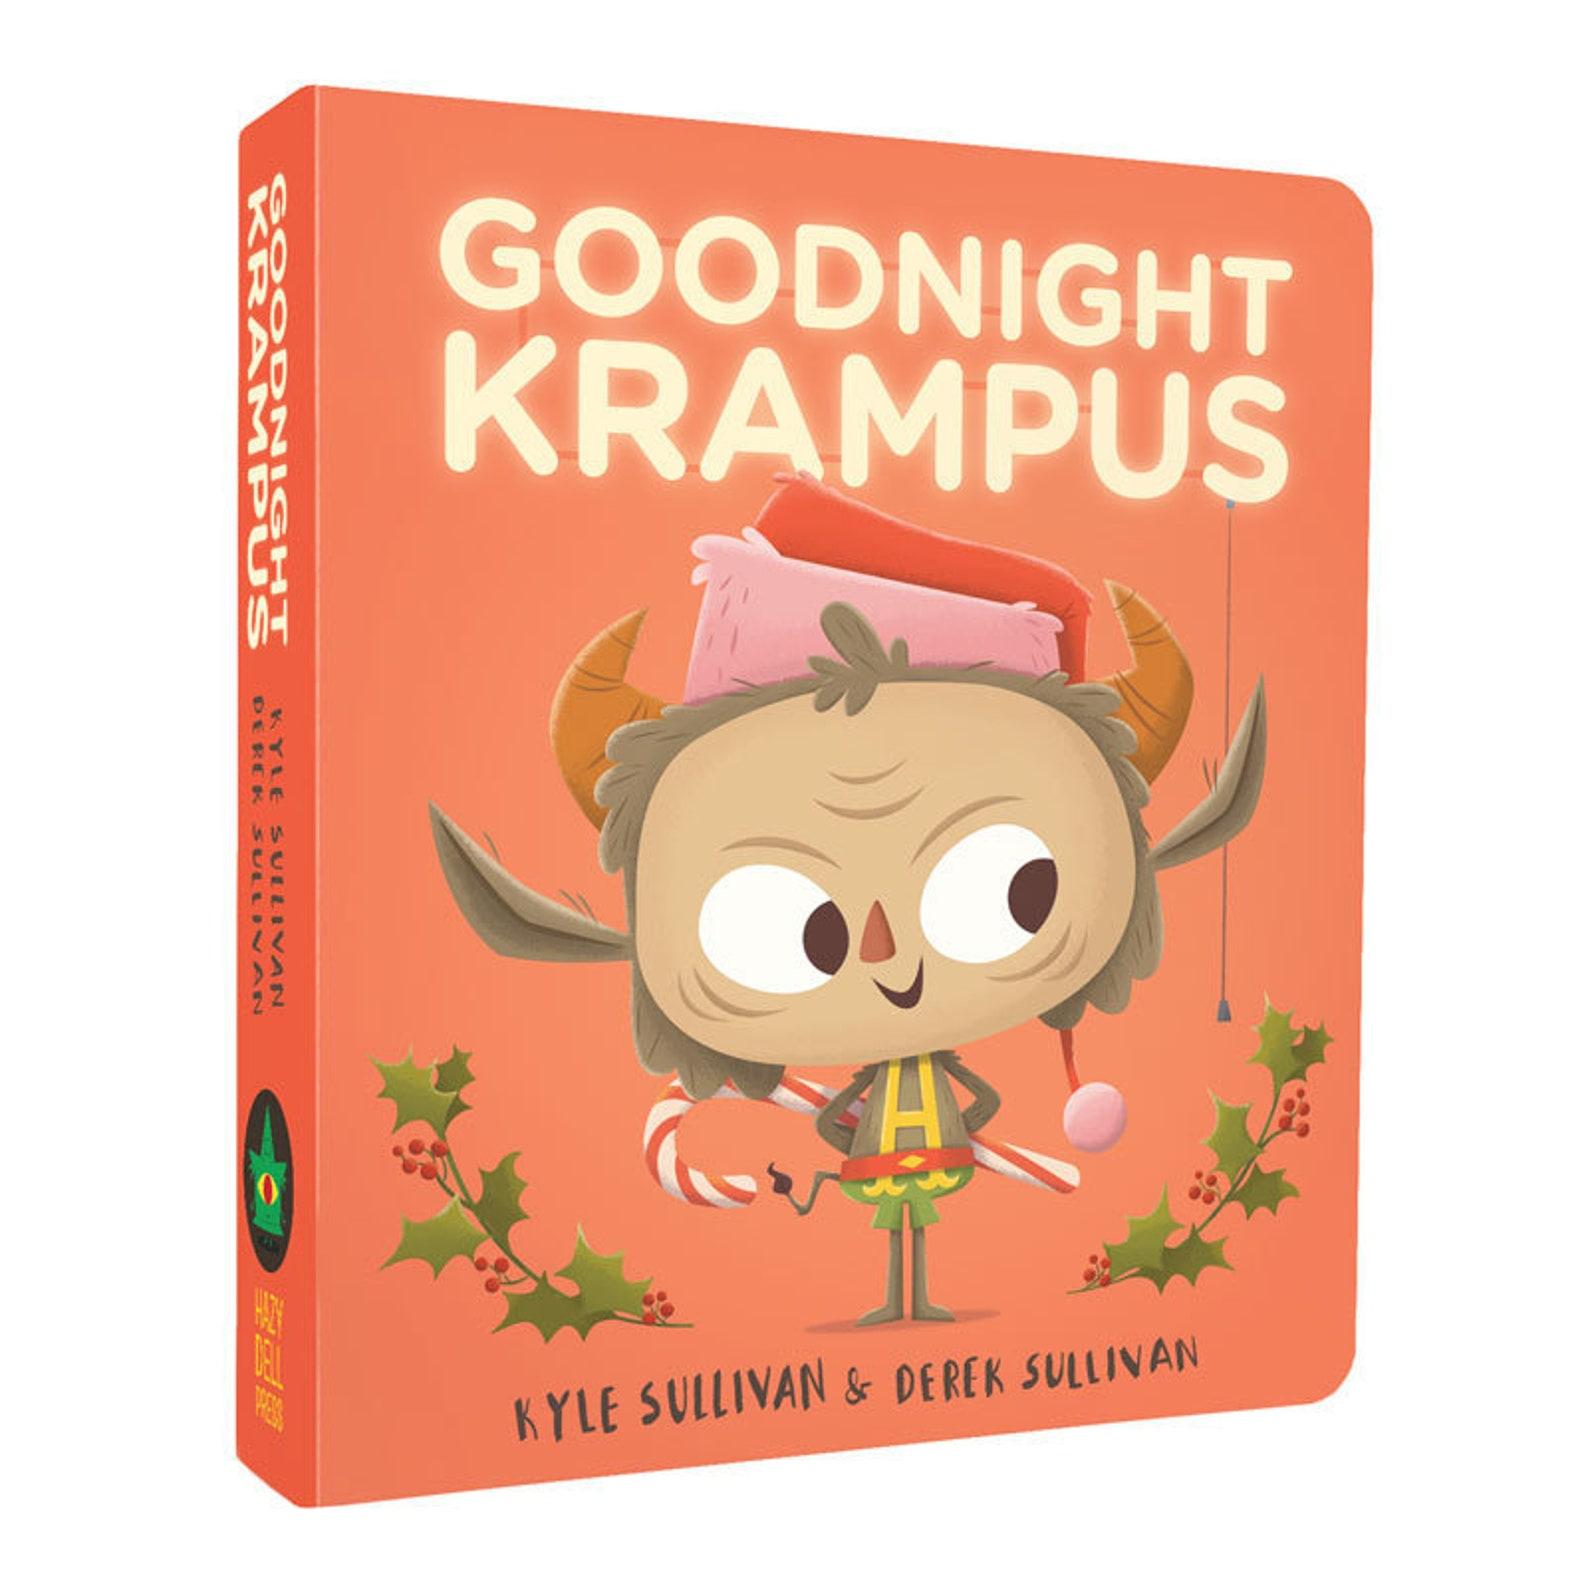 Goodnight Krampus (children's board book)